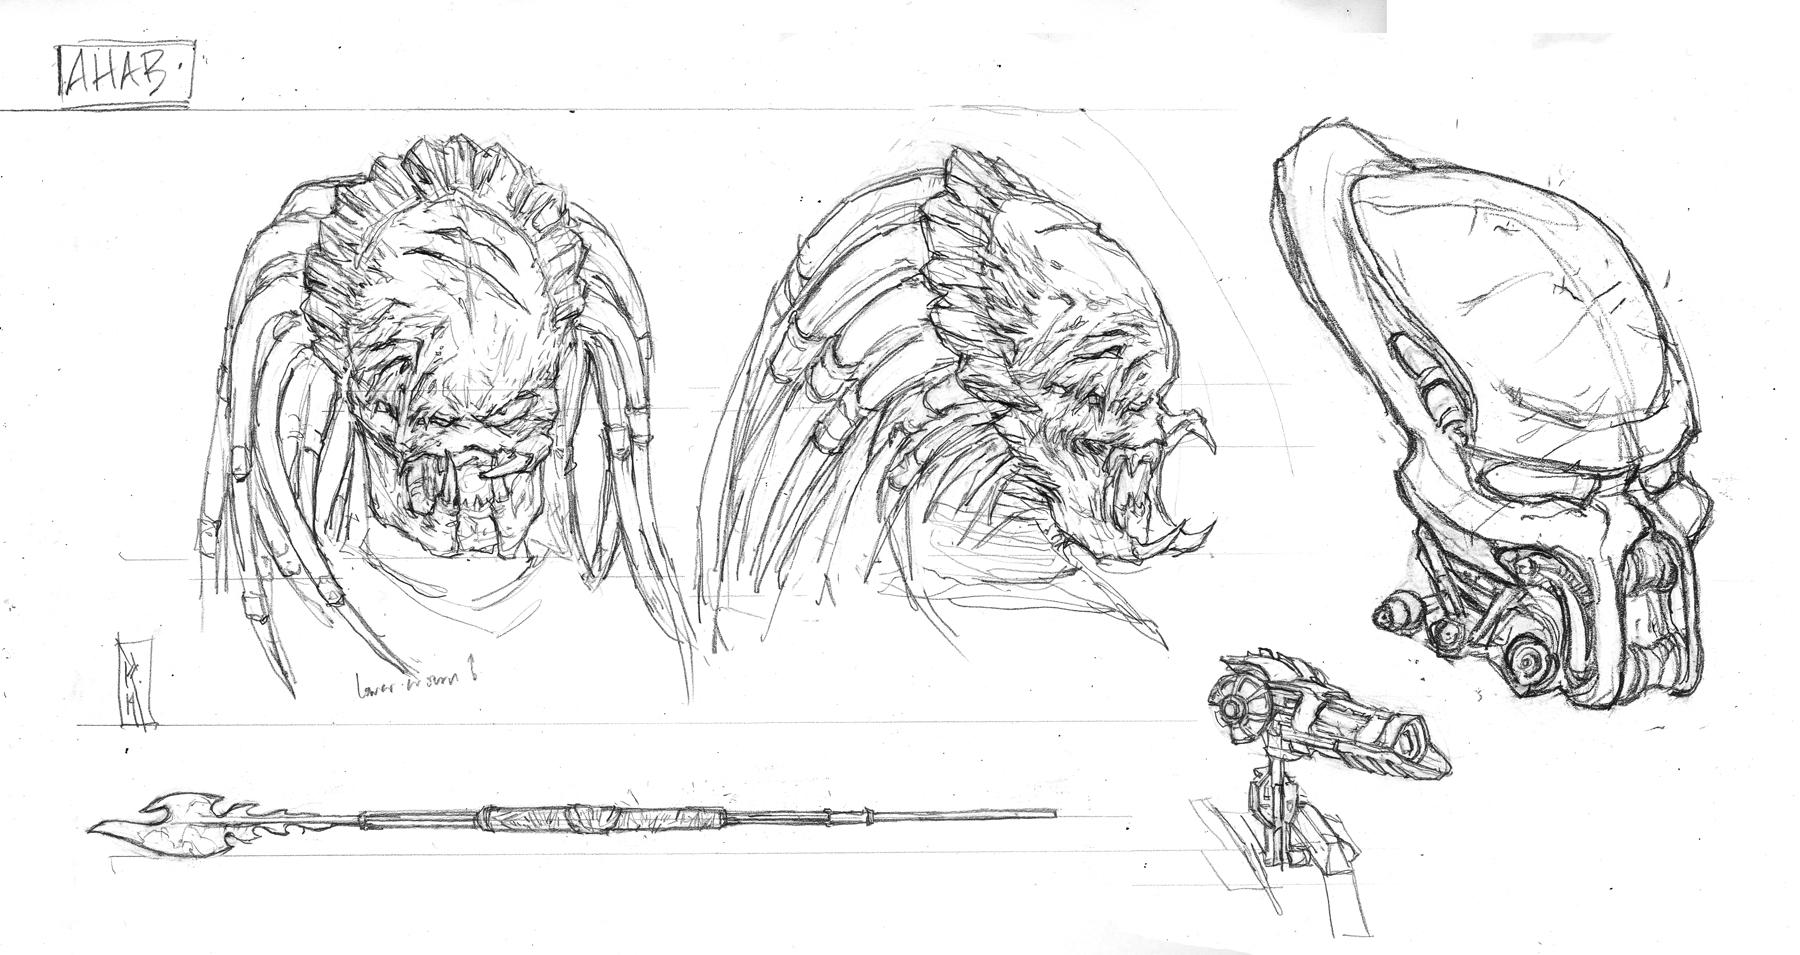 [NECA] [Tópico Oficial] PREDADORES - SDCC Exclusive: Dark Horse Comics - Ahab Predator - Página 20 SDCC-Ahab-Predator-004